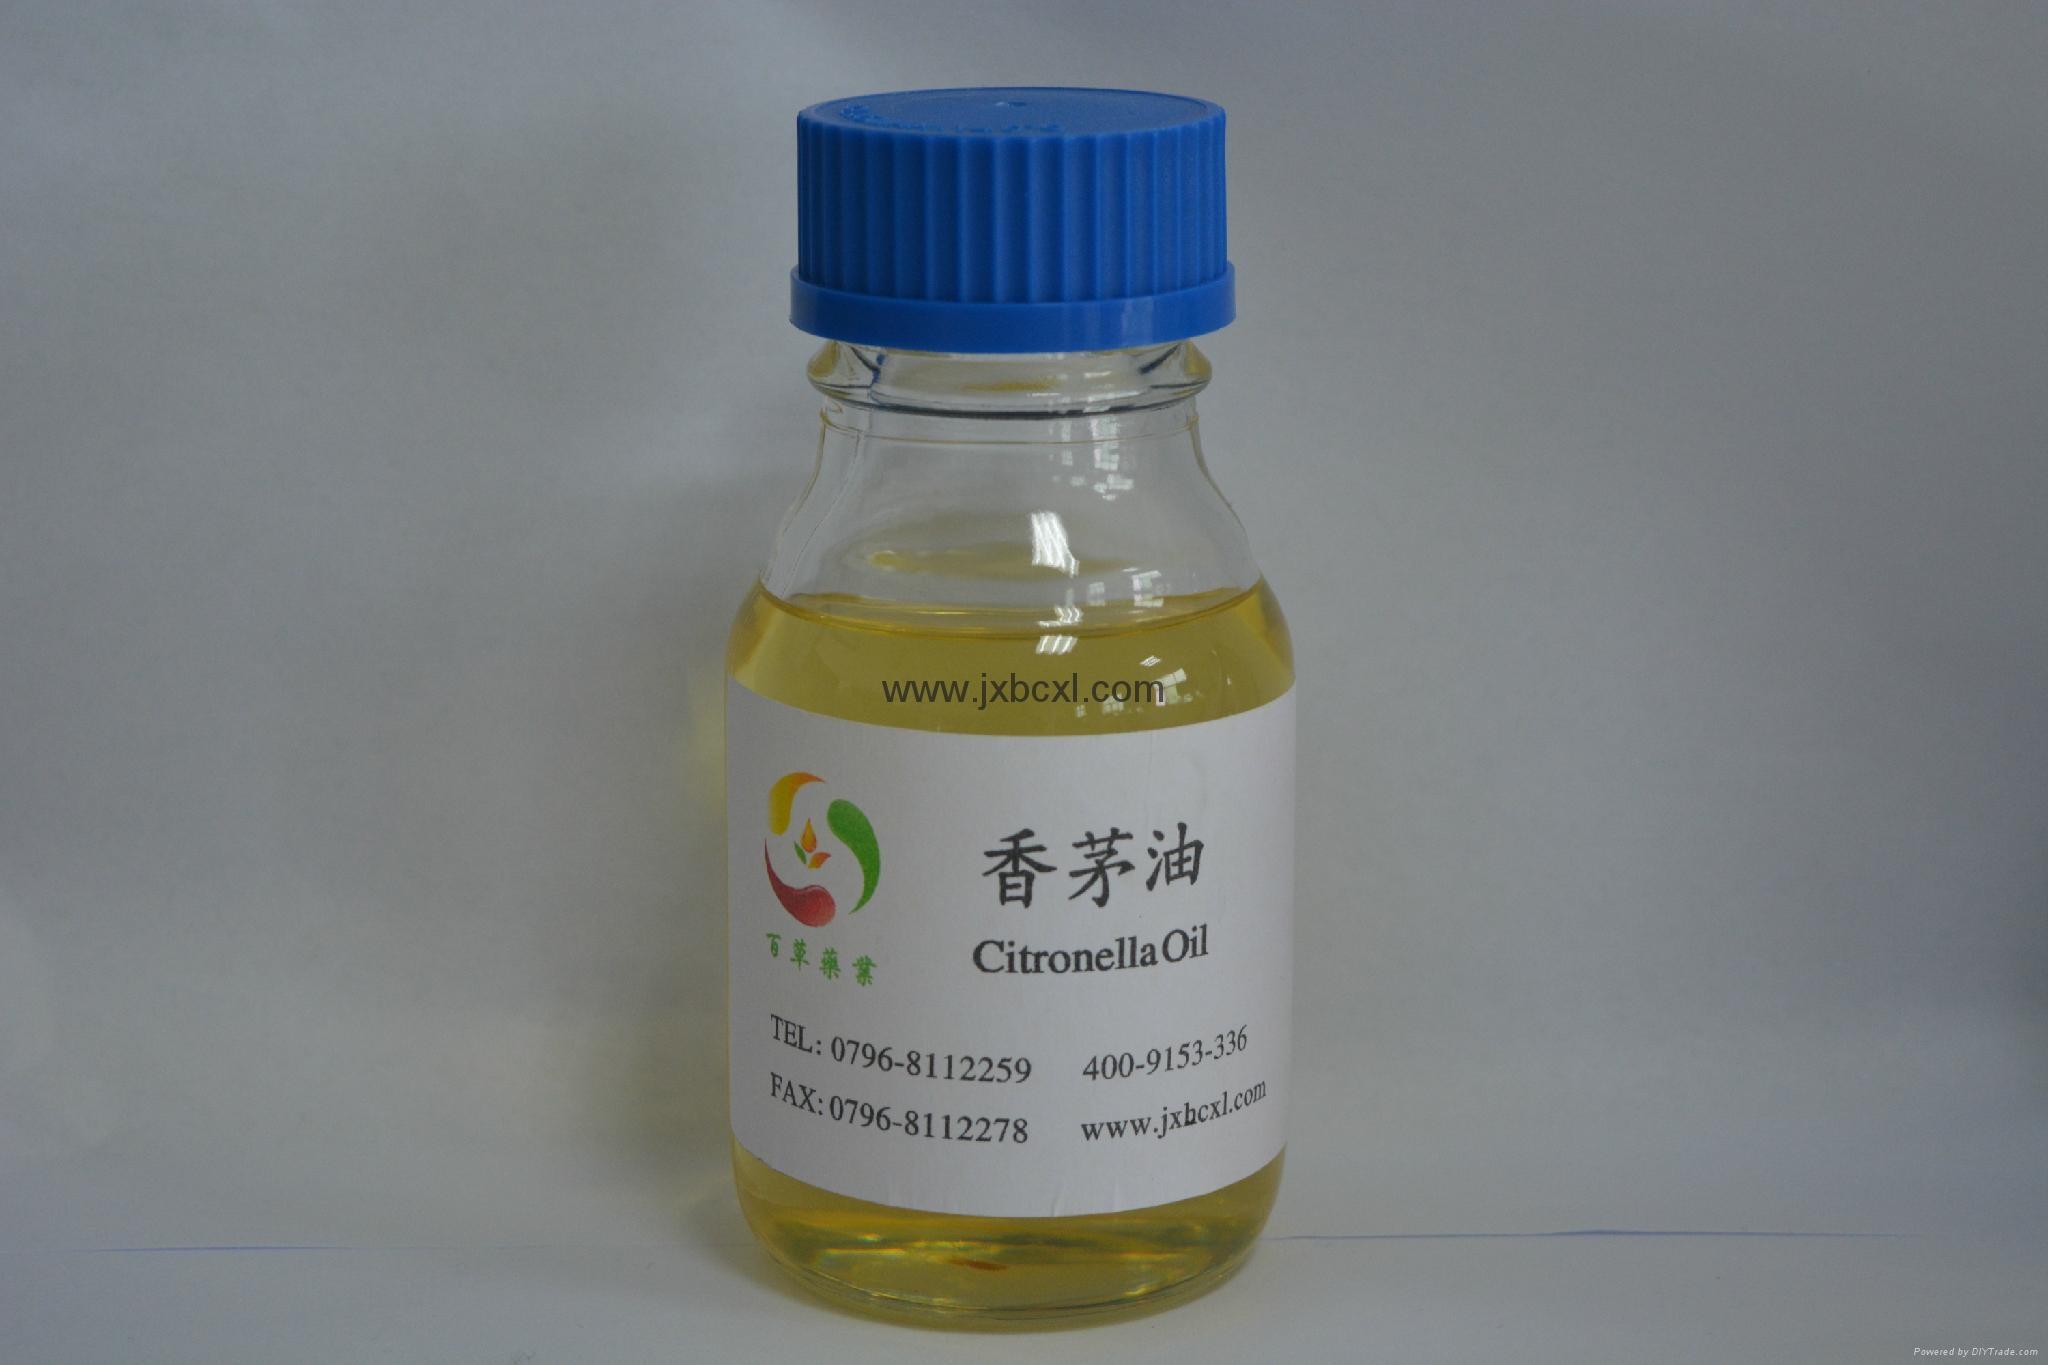 厂家直销香茅油天然驱蚊  香茅精油香茅草油蜡烛植物精油 3